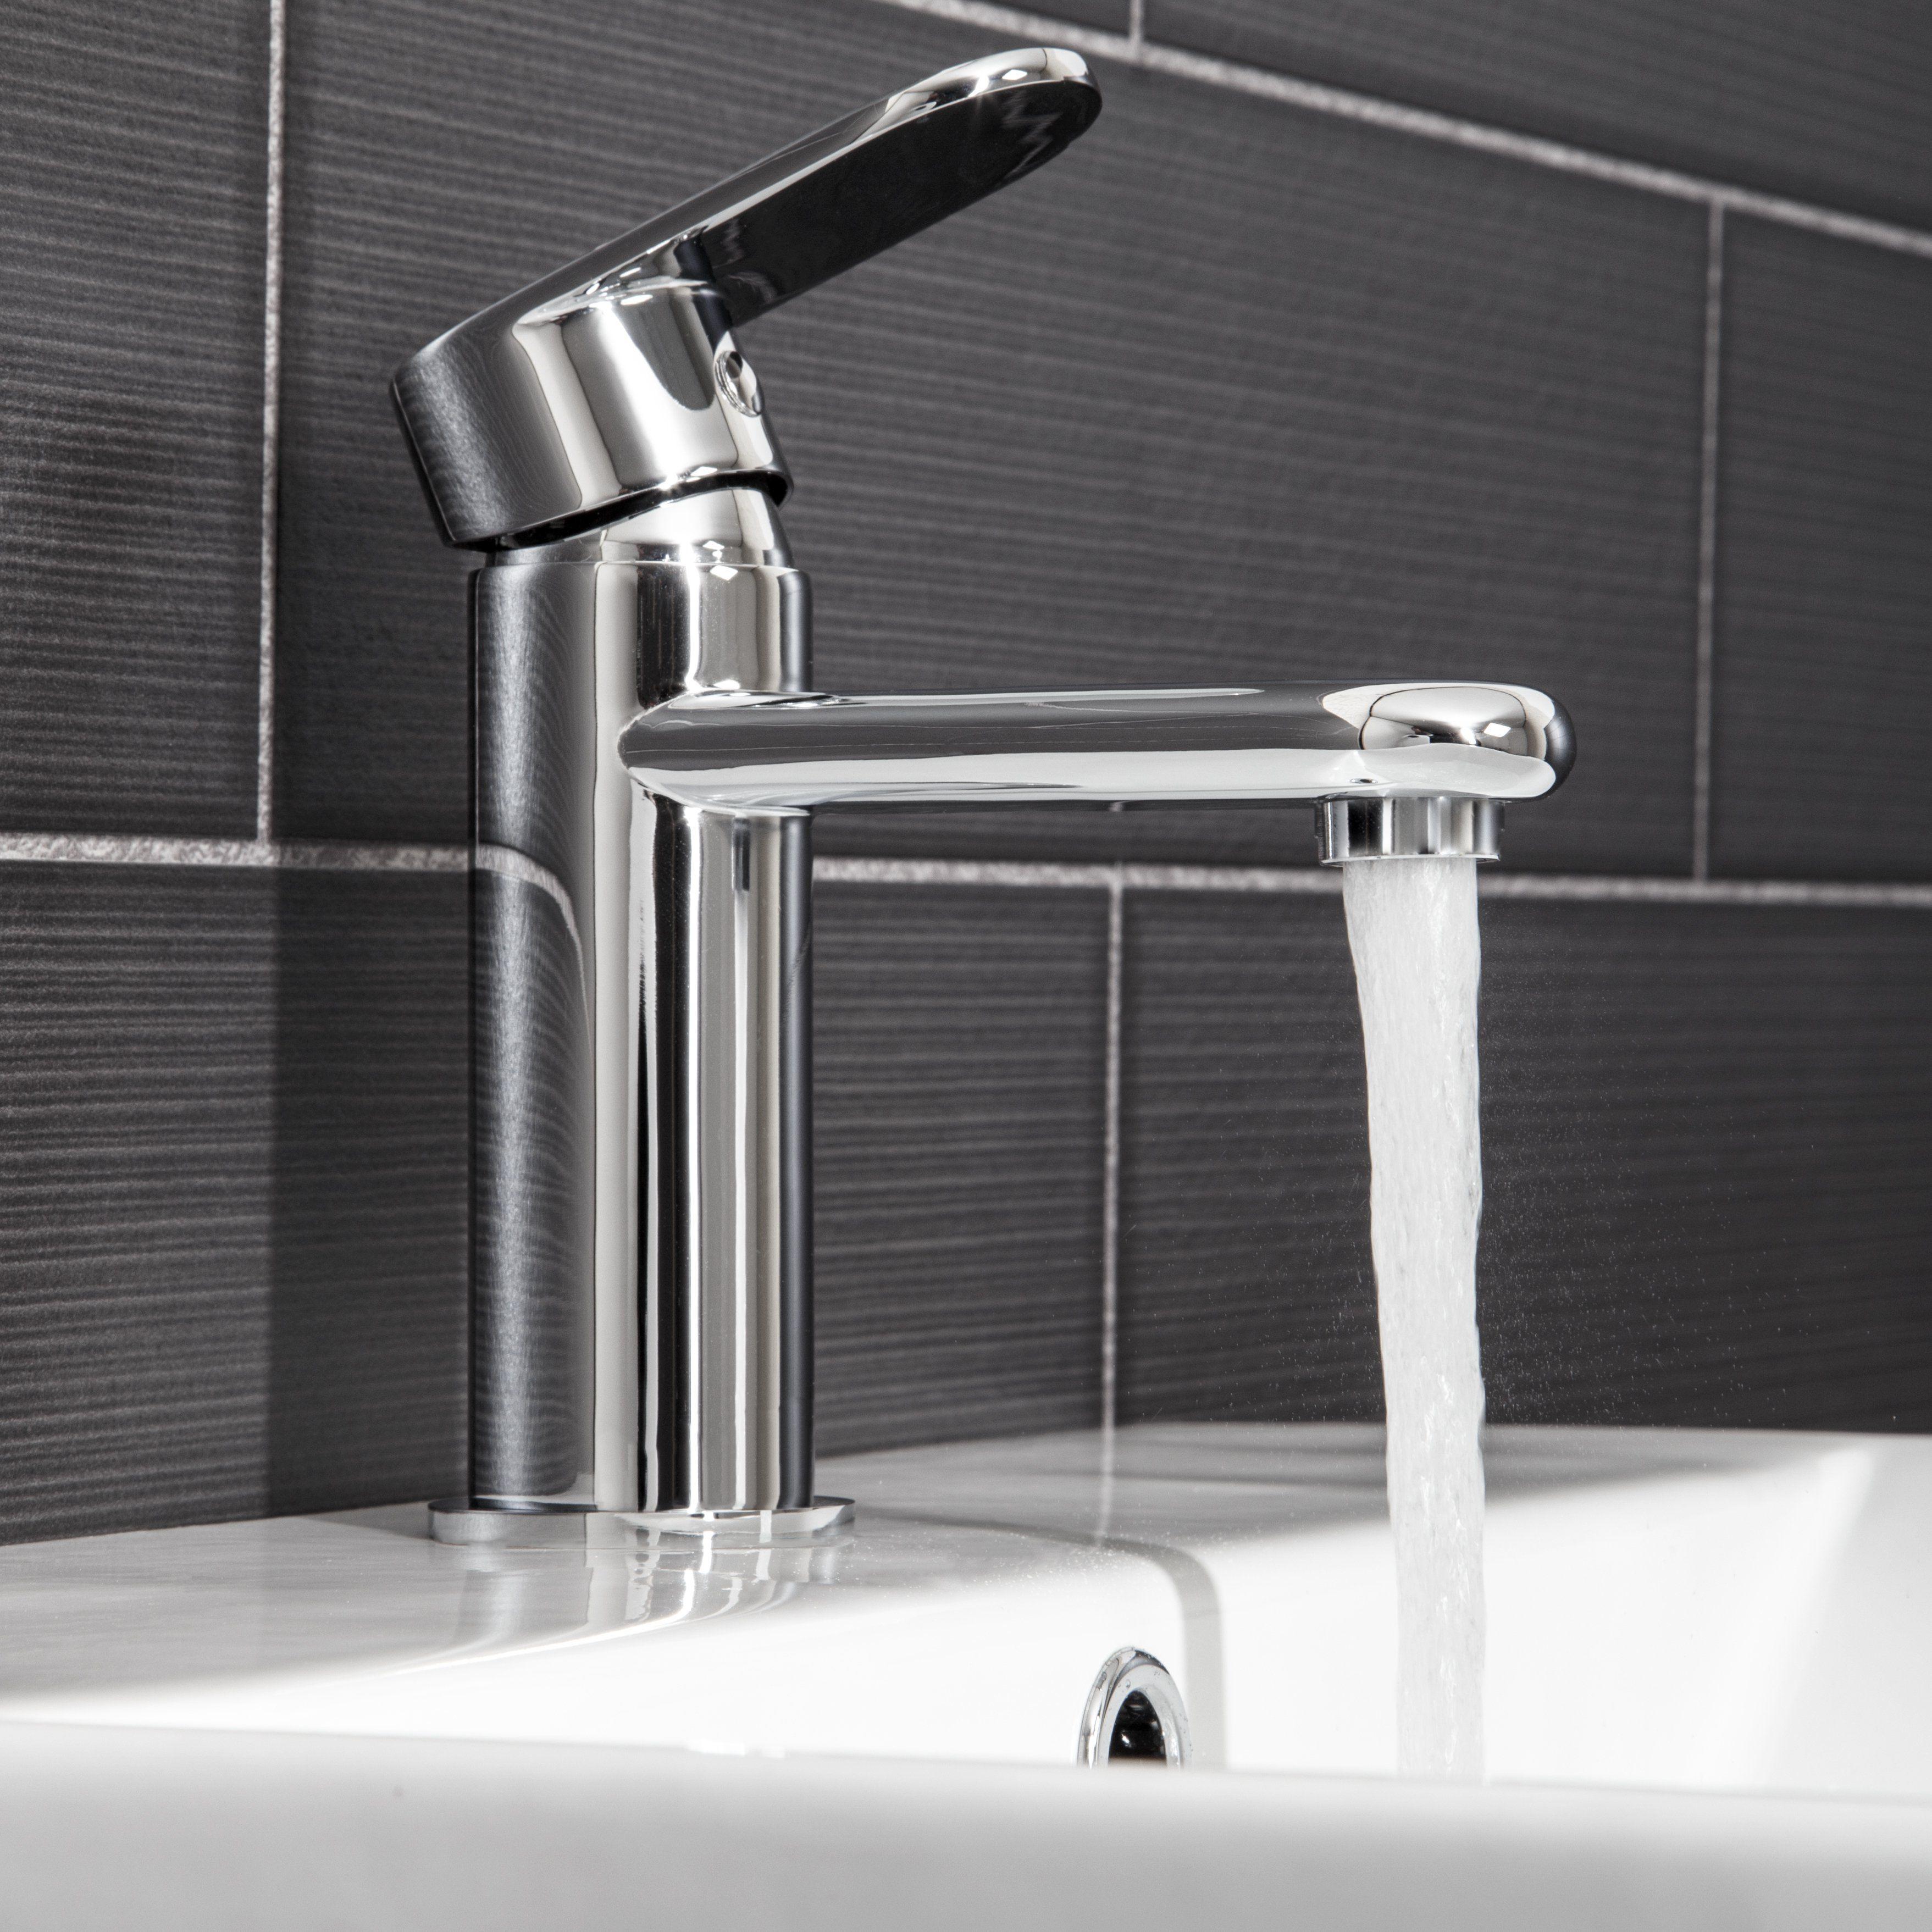 Architeckt Lund Basin Mixer Tap Basin Mixer Taps Basin Mixer Mixer Taps